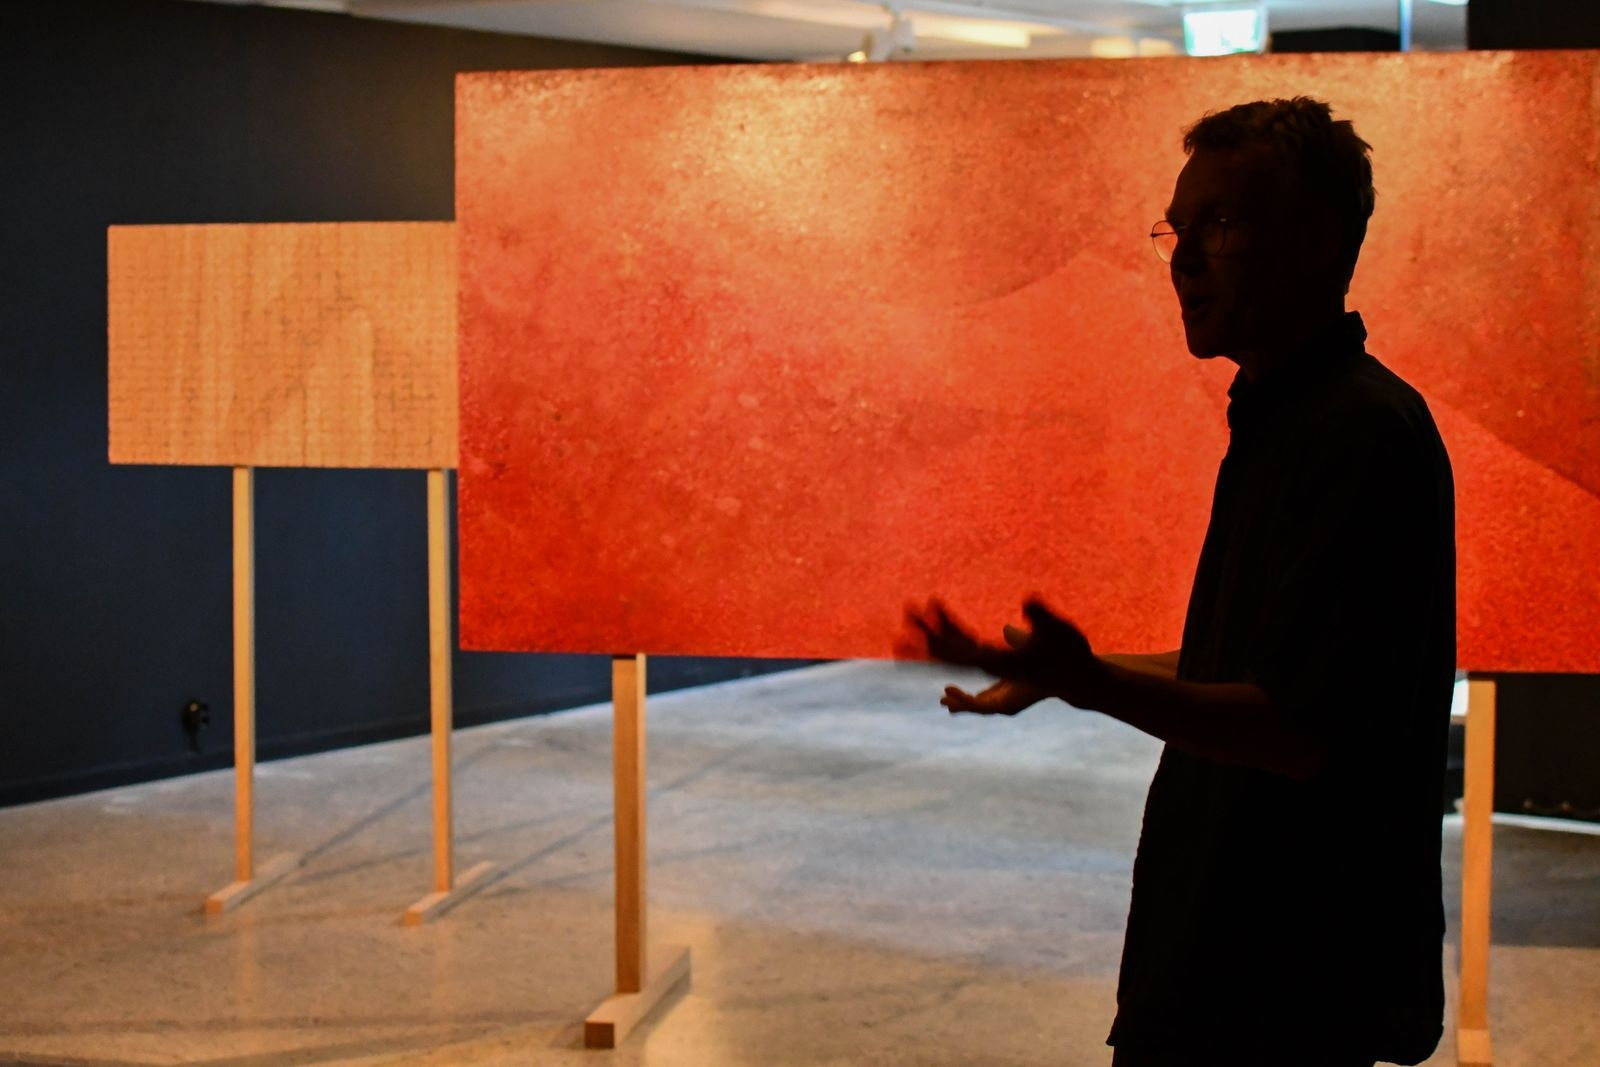 """Matts Leiderstam fick ett samtal från Bukowskis som sökte information om två av hans äldre verk som de fått in. """"Jag gav dem lite information sedan köpte jag målningarna själv och gjorde ett nytt verk av dem"""" berättar Matts och visar """"Rekonstruktion""""."""